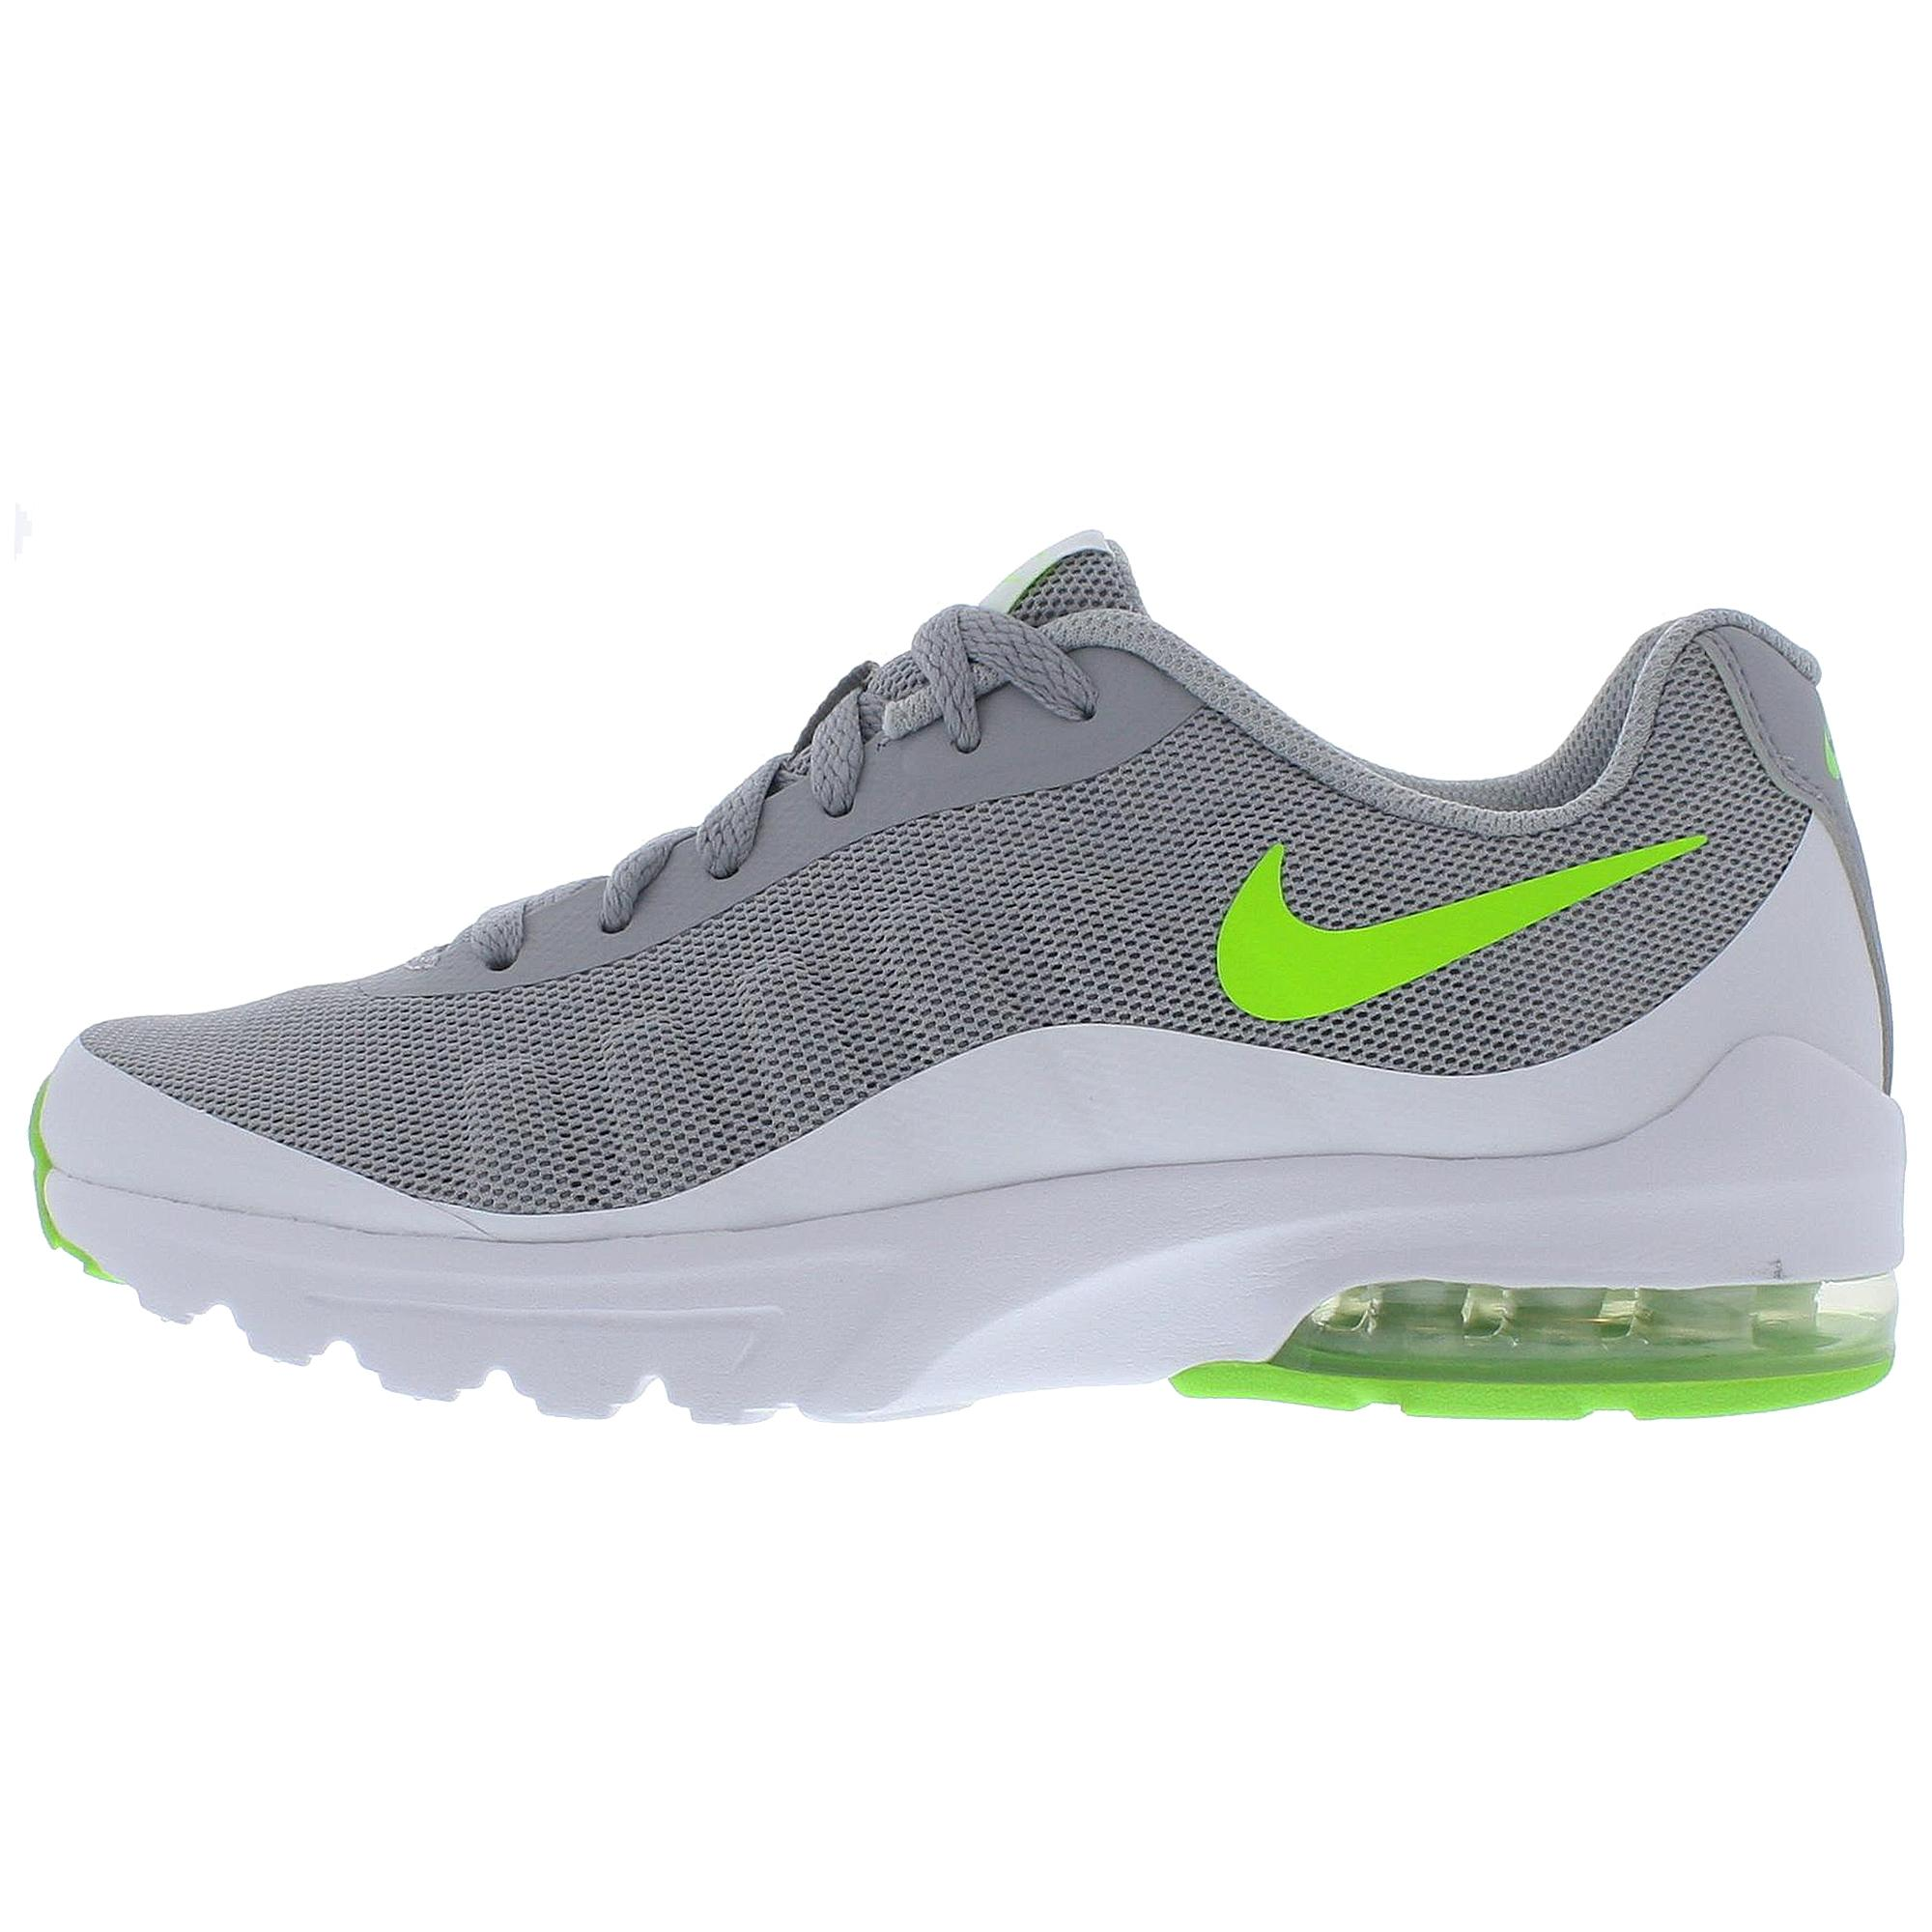 Nike Air Max İnvigor Günlük Spor Ayakkabı